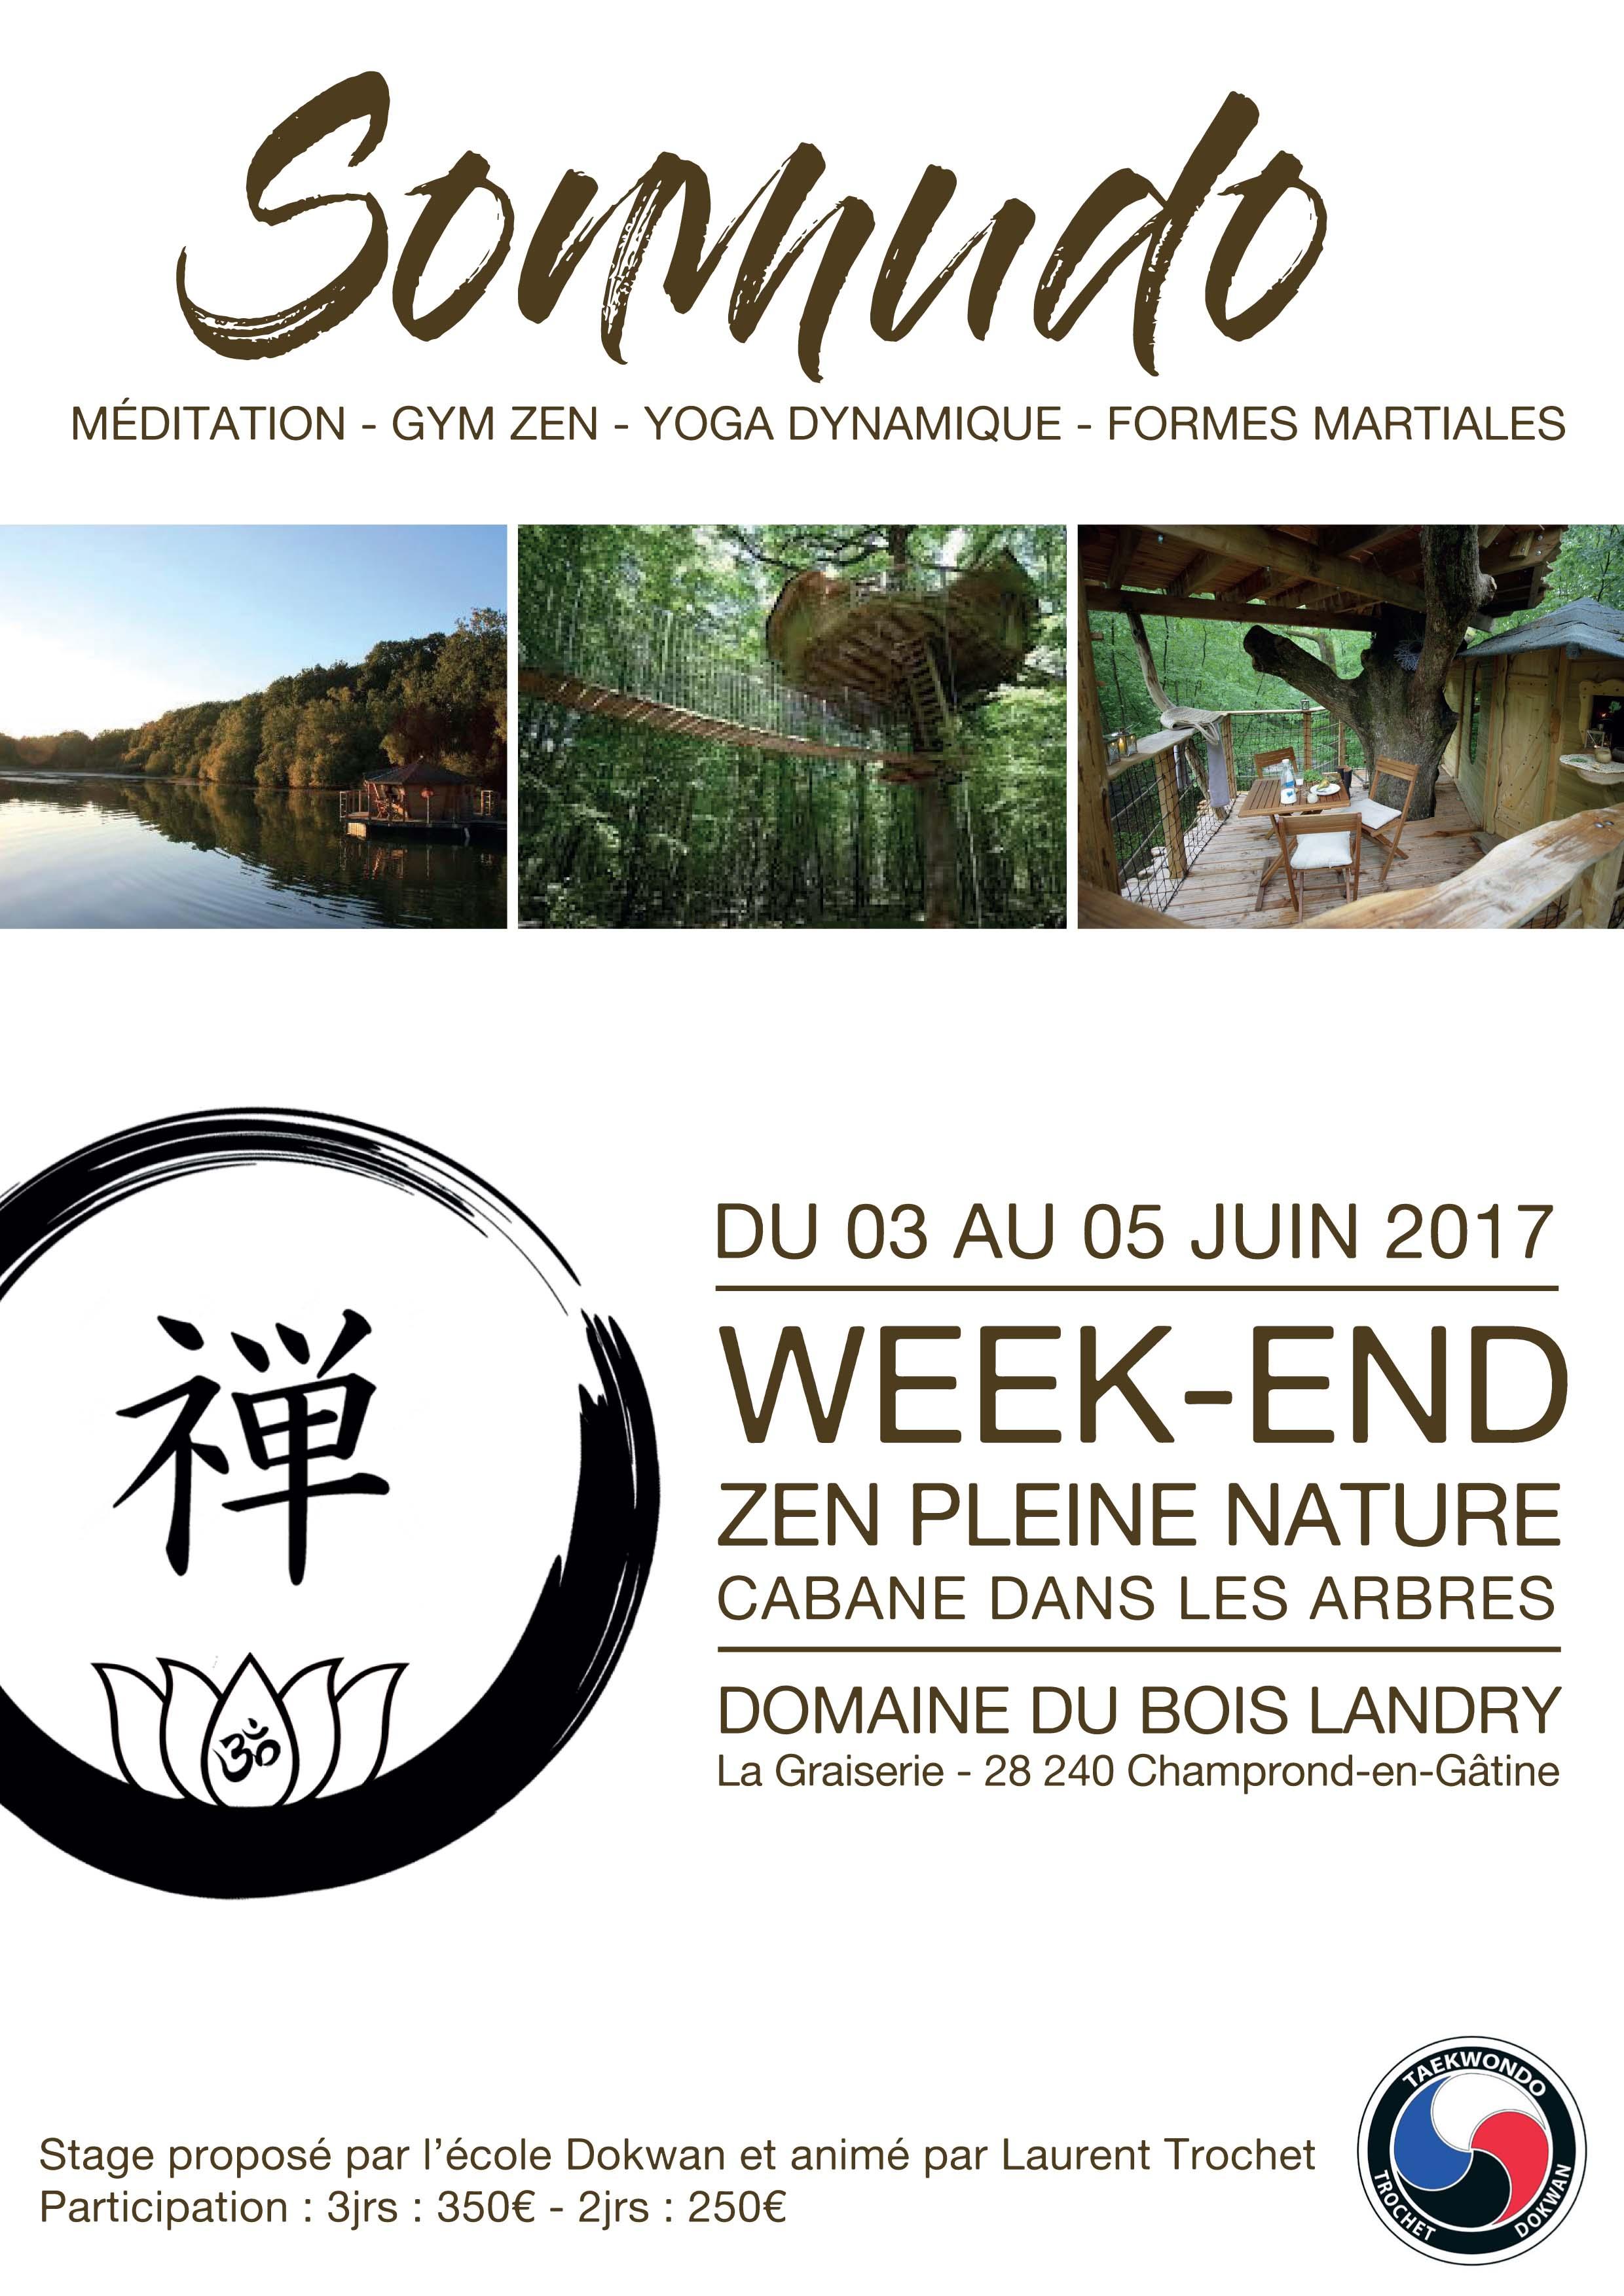 Week-end Zen pleine nature